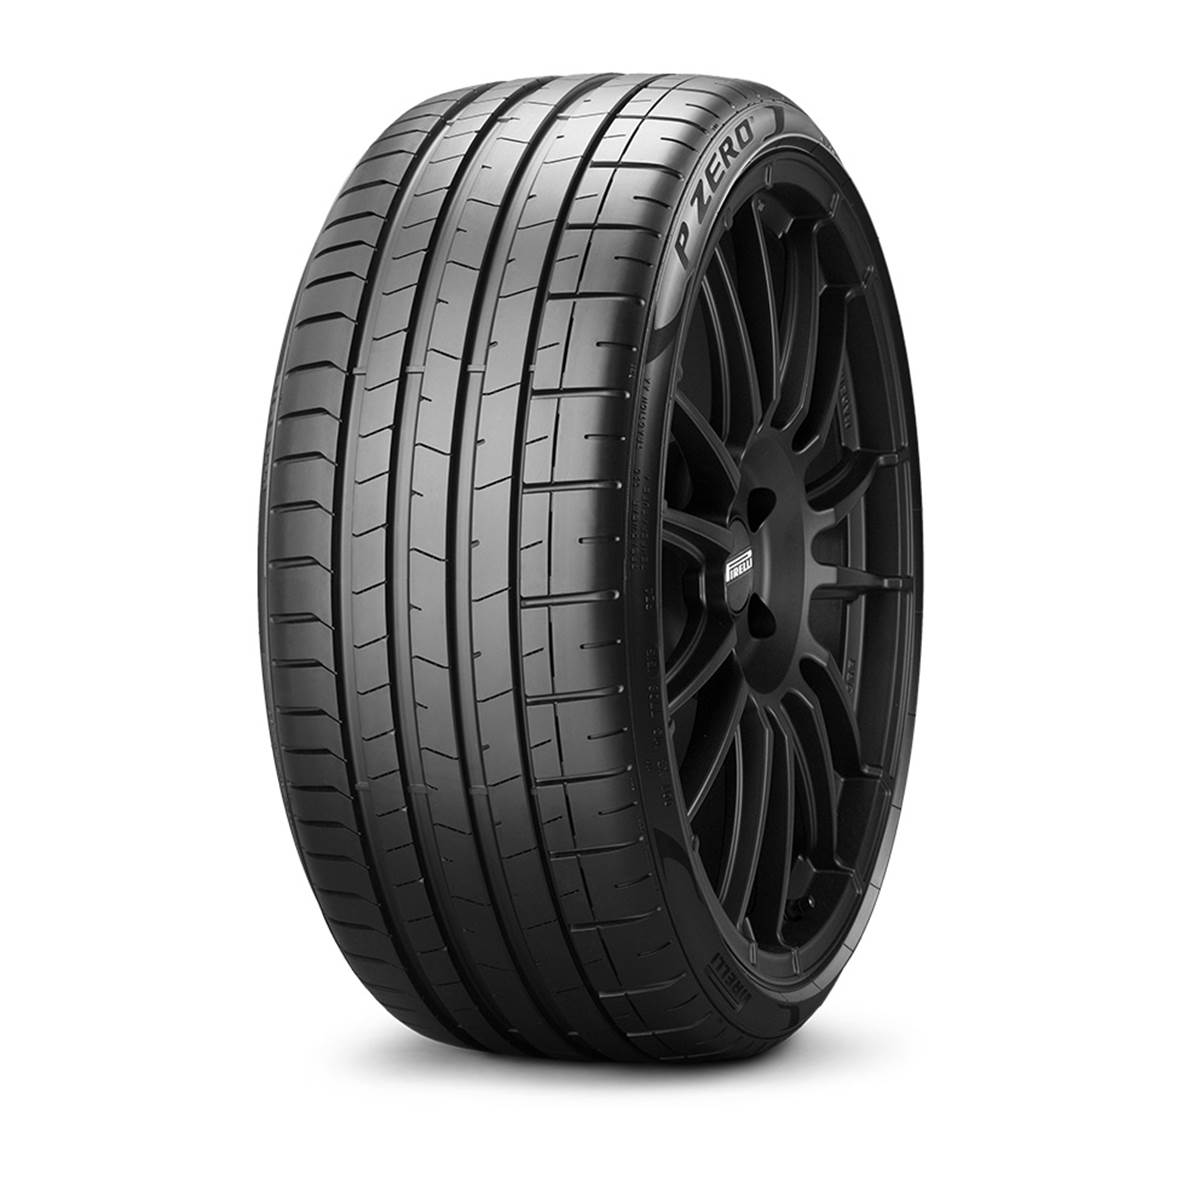 Pneu Pirelli 275/35R19 96Y Pzero